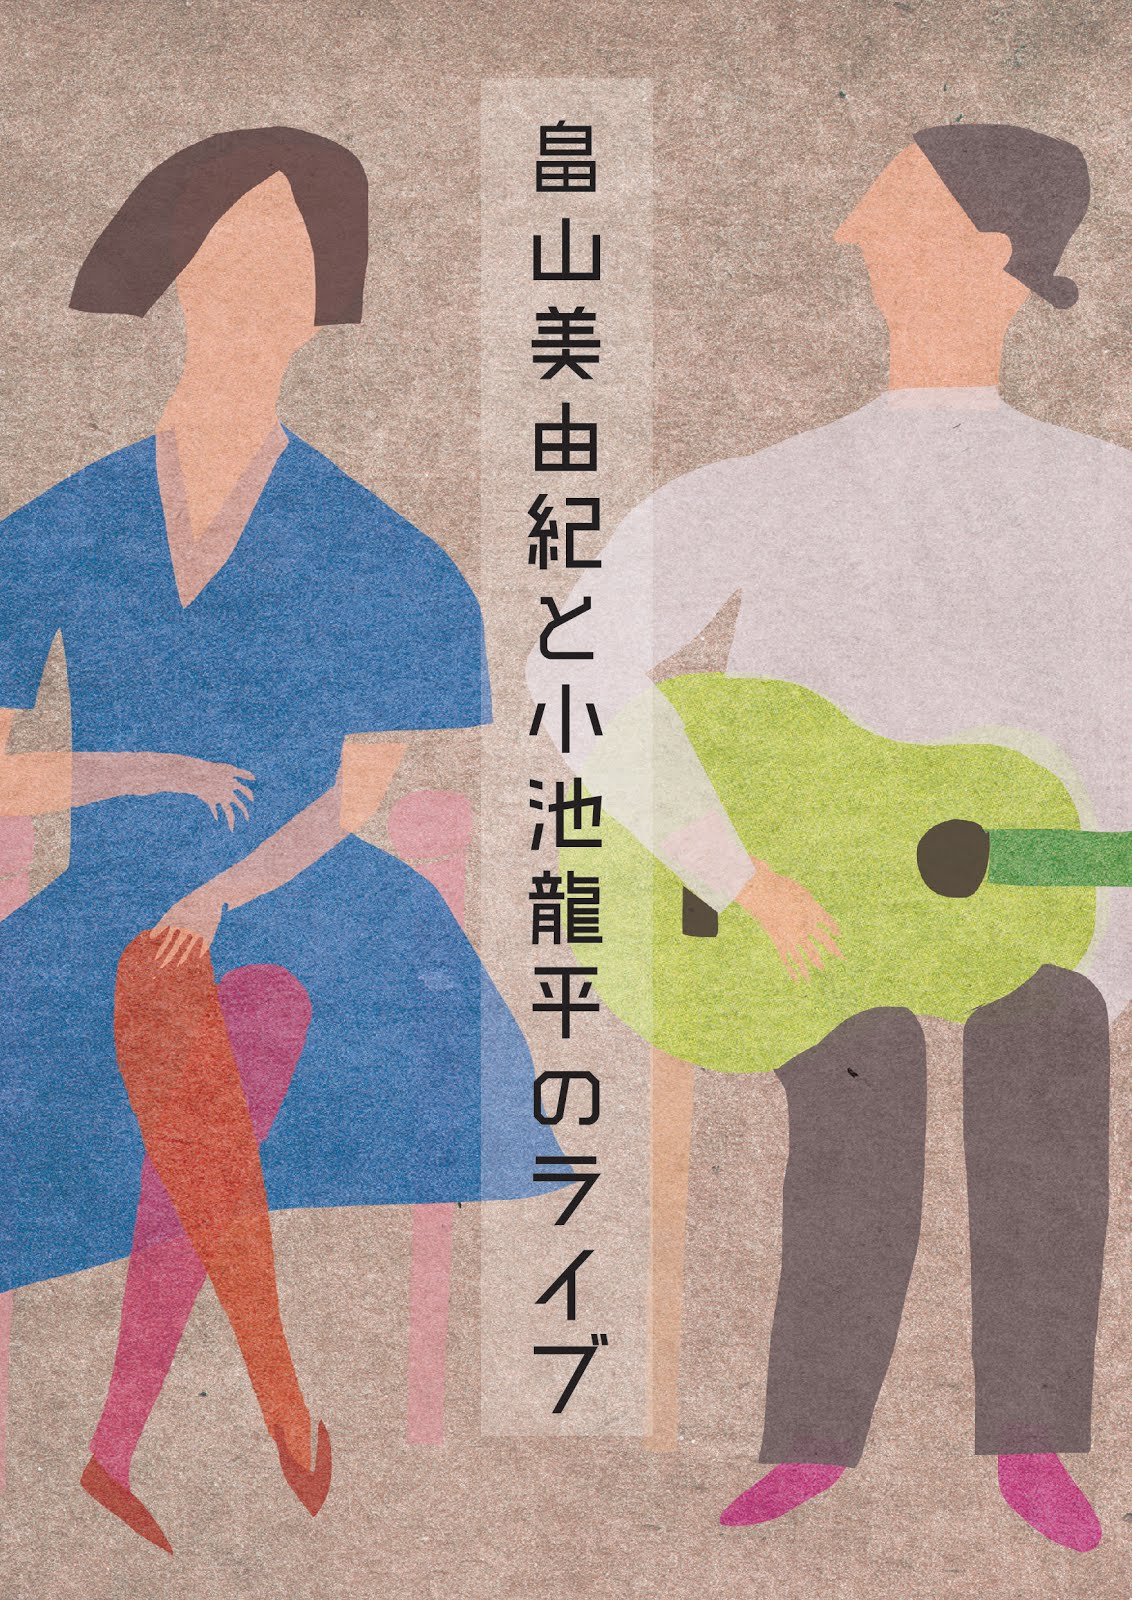 「畠山美由紀と小池龍平のライブ」